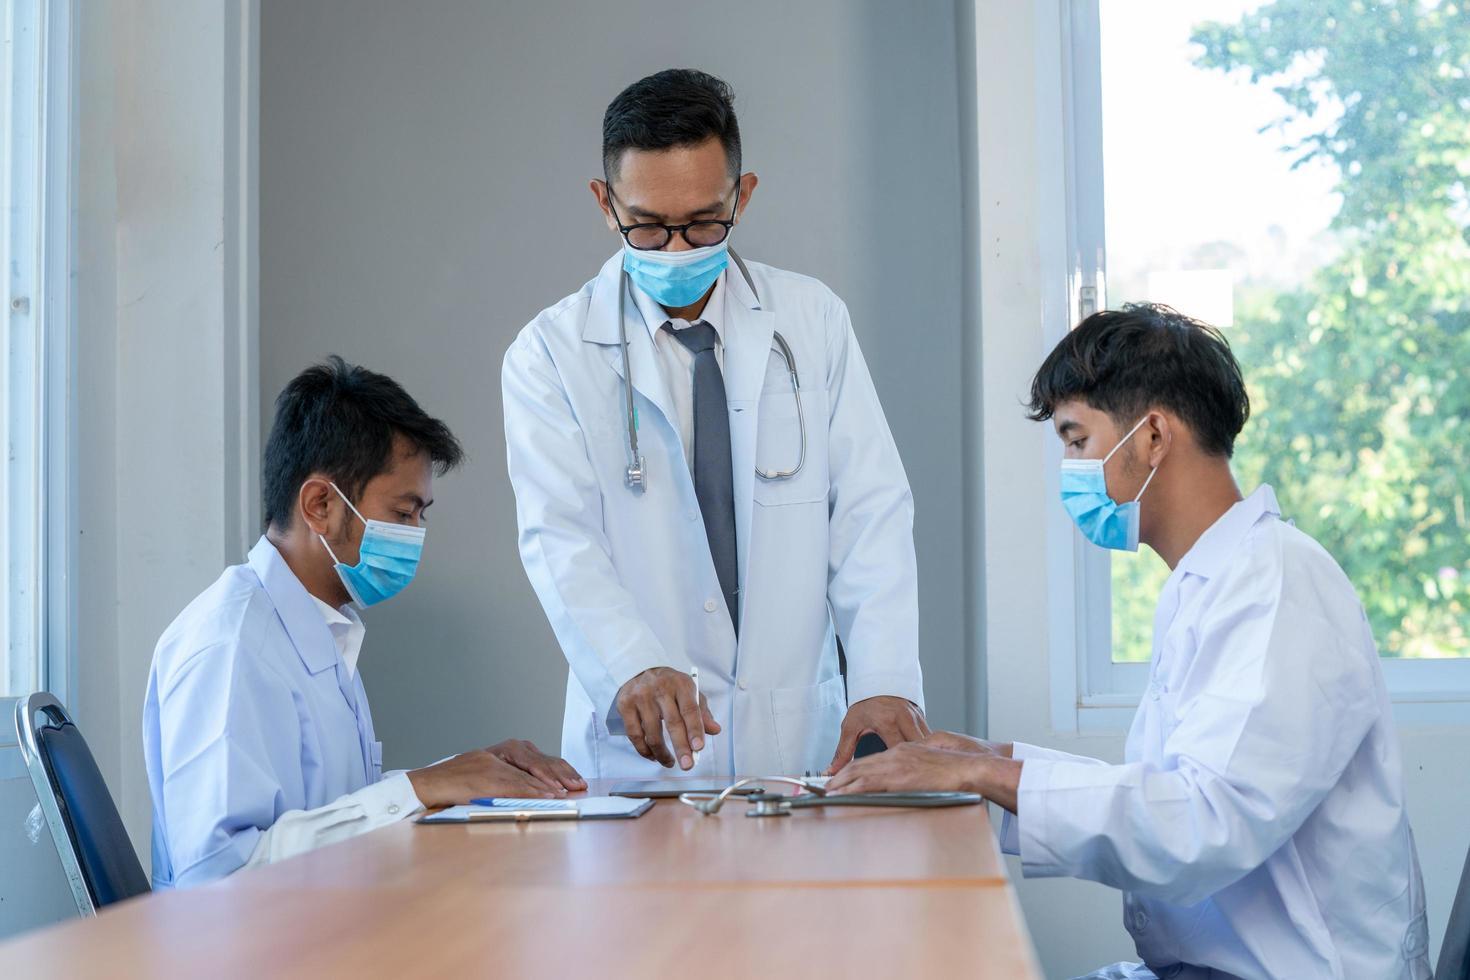 hommes en blouses de laboratoire à la table de réunion photo